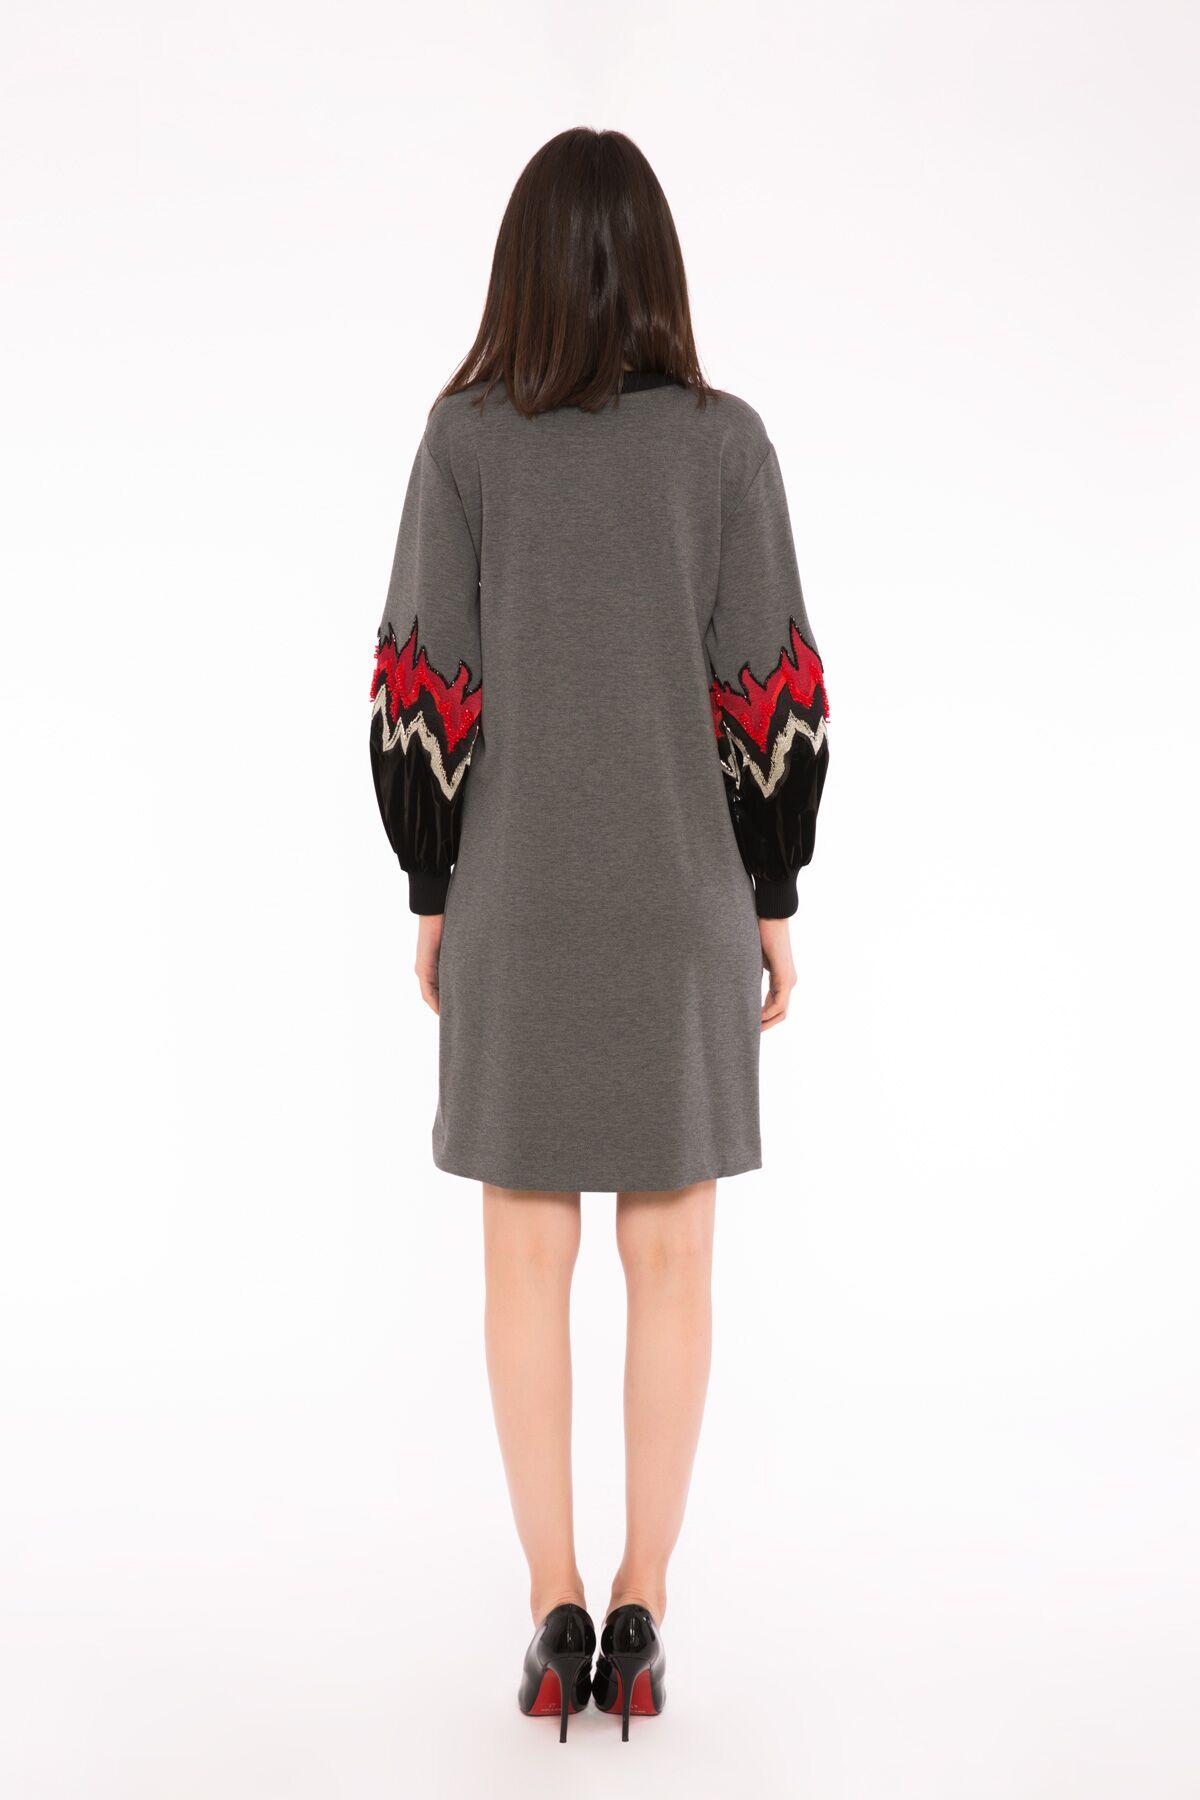 İşlemeli Aplike Nakış Detaylı Sweatshirt Elbise